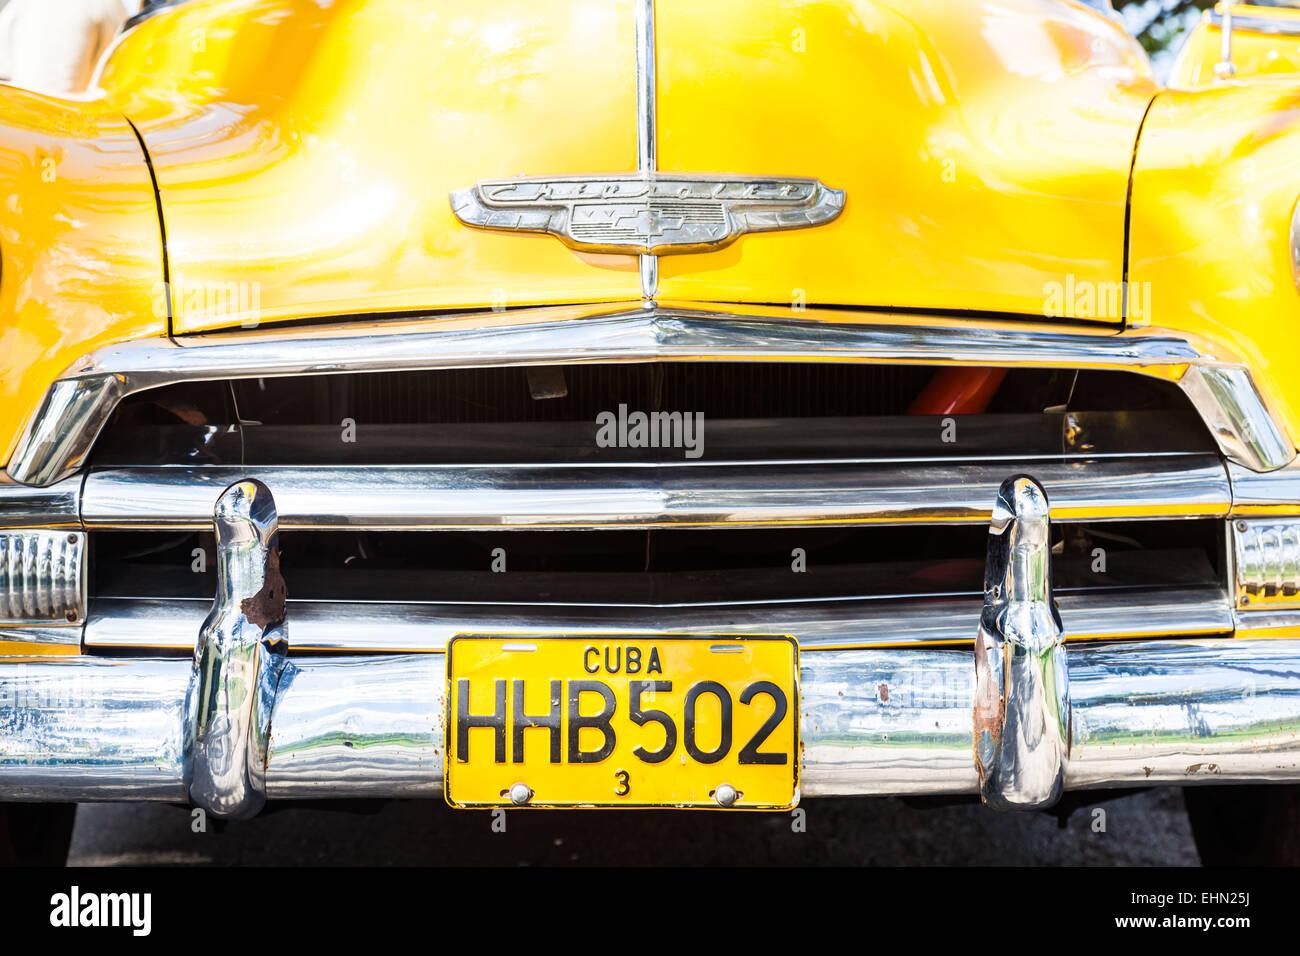 50er Jahre amerikanisches Auto, Kuba. Stockbild